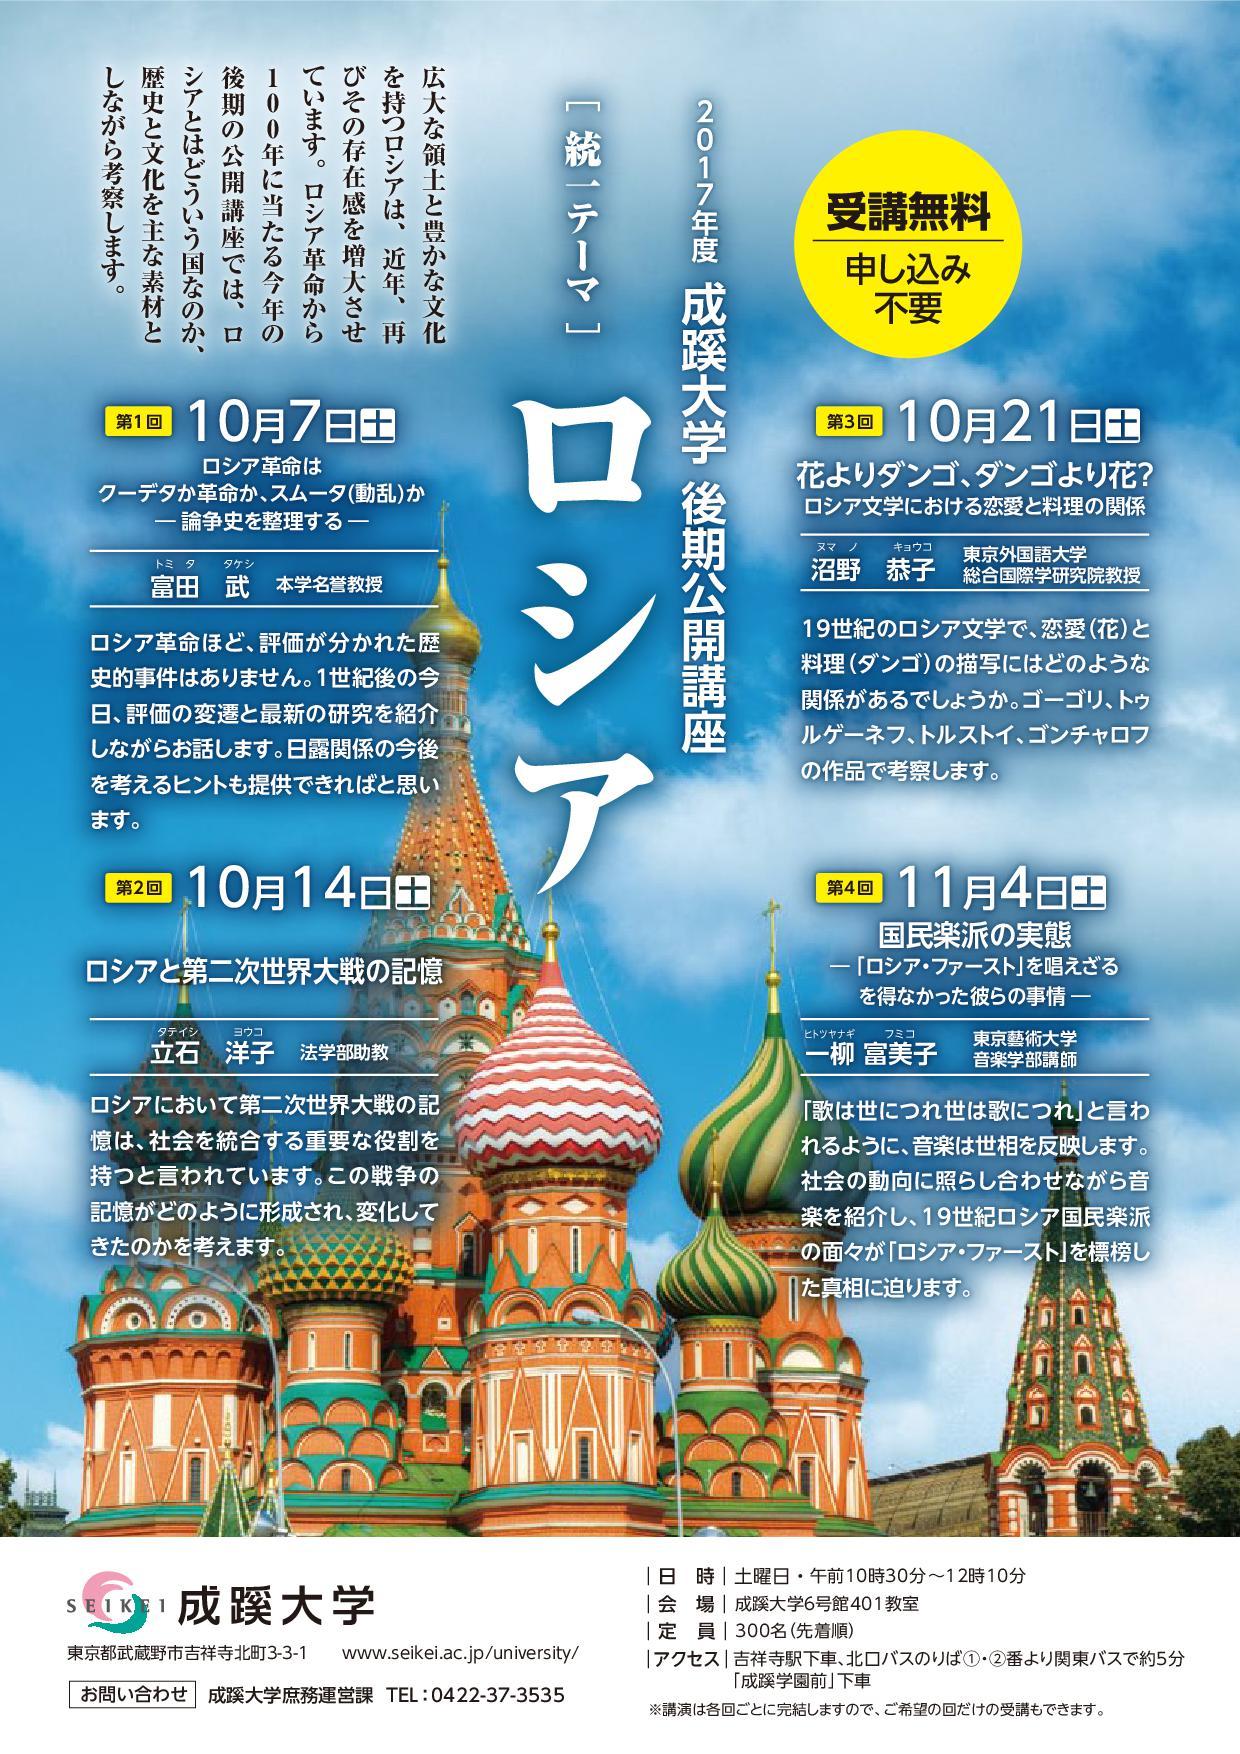 成蹊大学が10月7日から2017年度後期公開講座(全4回)を開催 -- ロシアの歴史と文化を多角的に解説